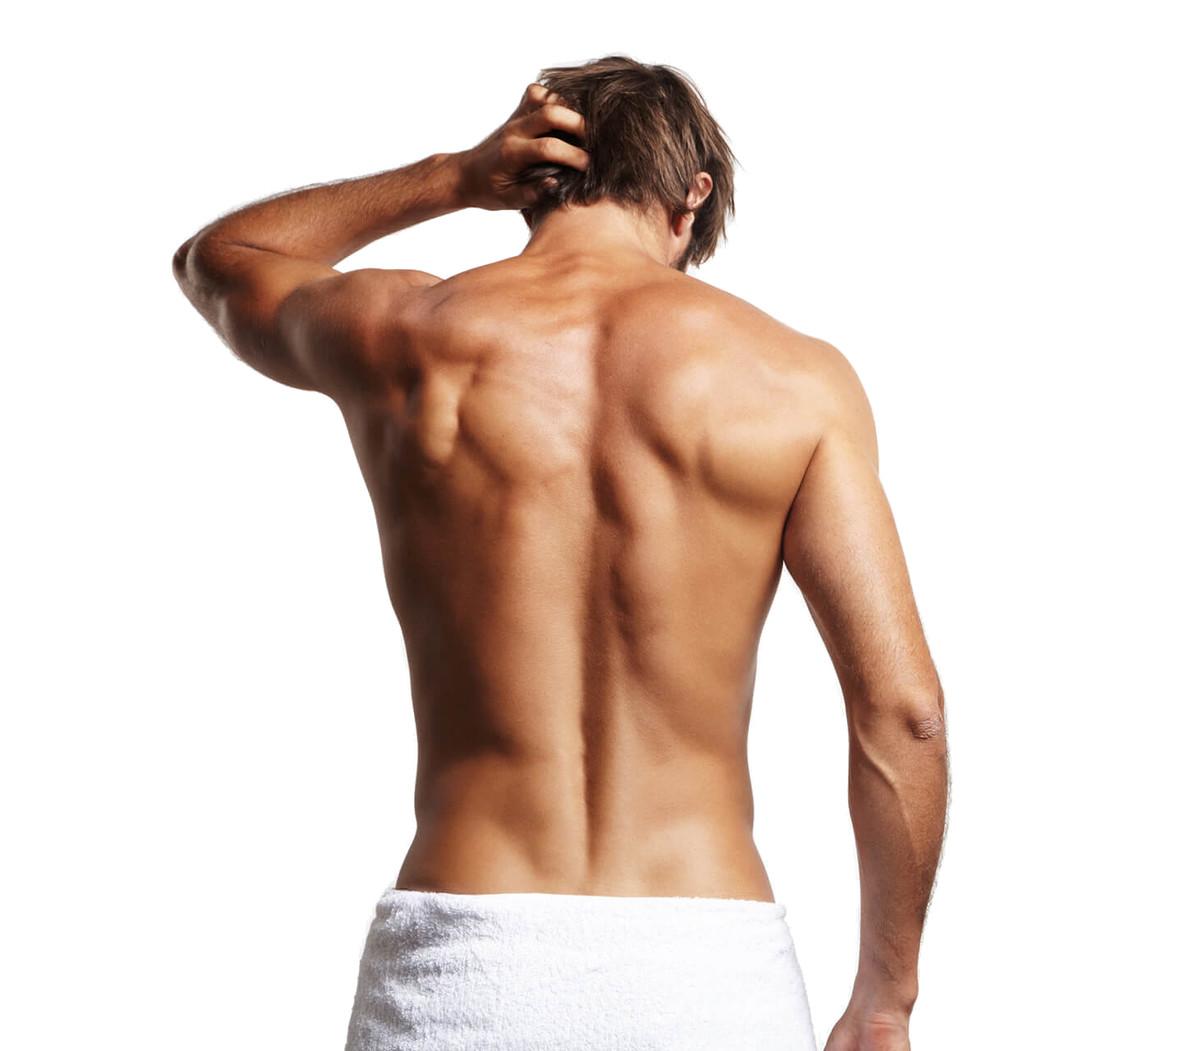 Wax-Your-Body-Mann-Ein-Optischer-Vorteil